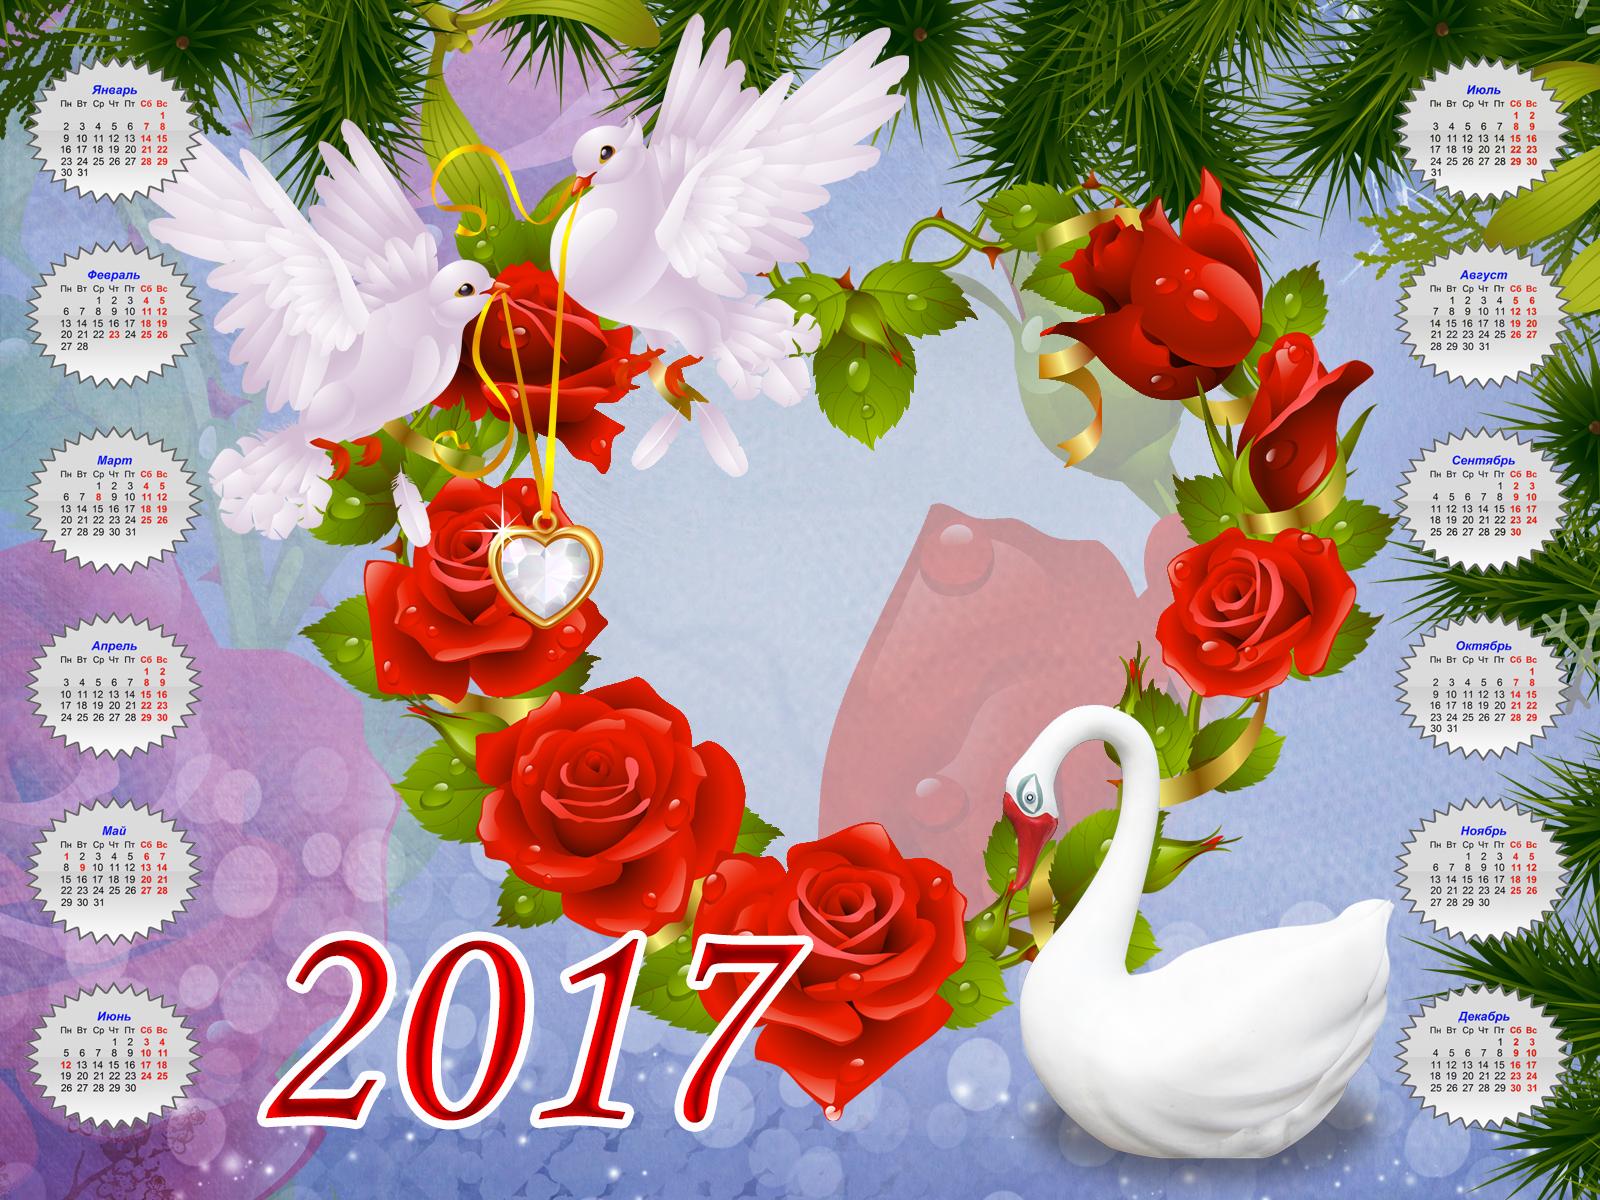 Фоторамка Календарь для влюбленных Фоторамка для фотошопа, PNG шаблон. Календарь с голубками и сердцем из красных роз. Ветки елки. Белый лебедь. Кулон в форме сердца.